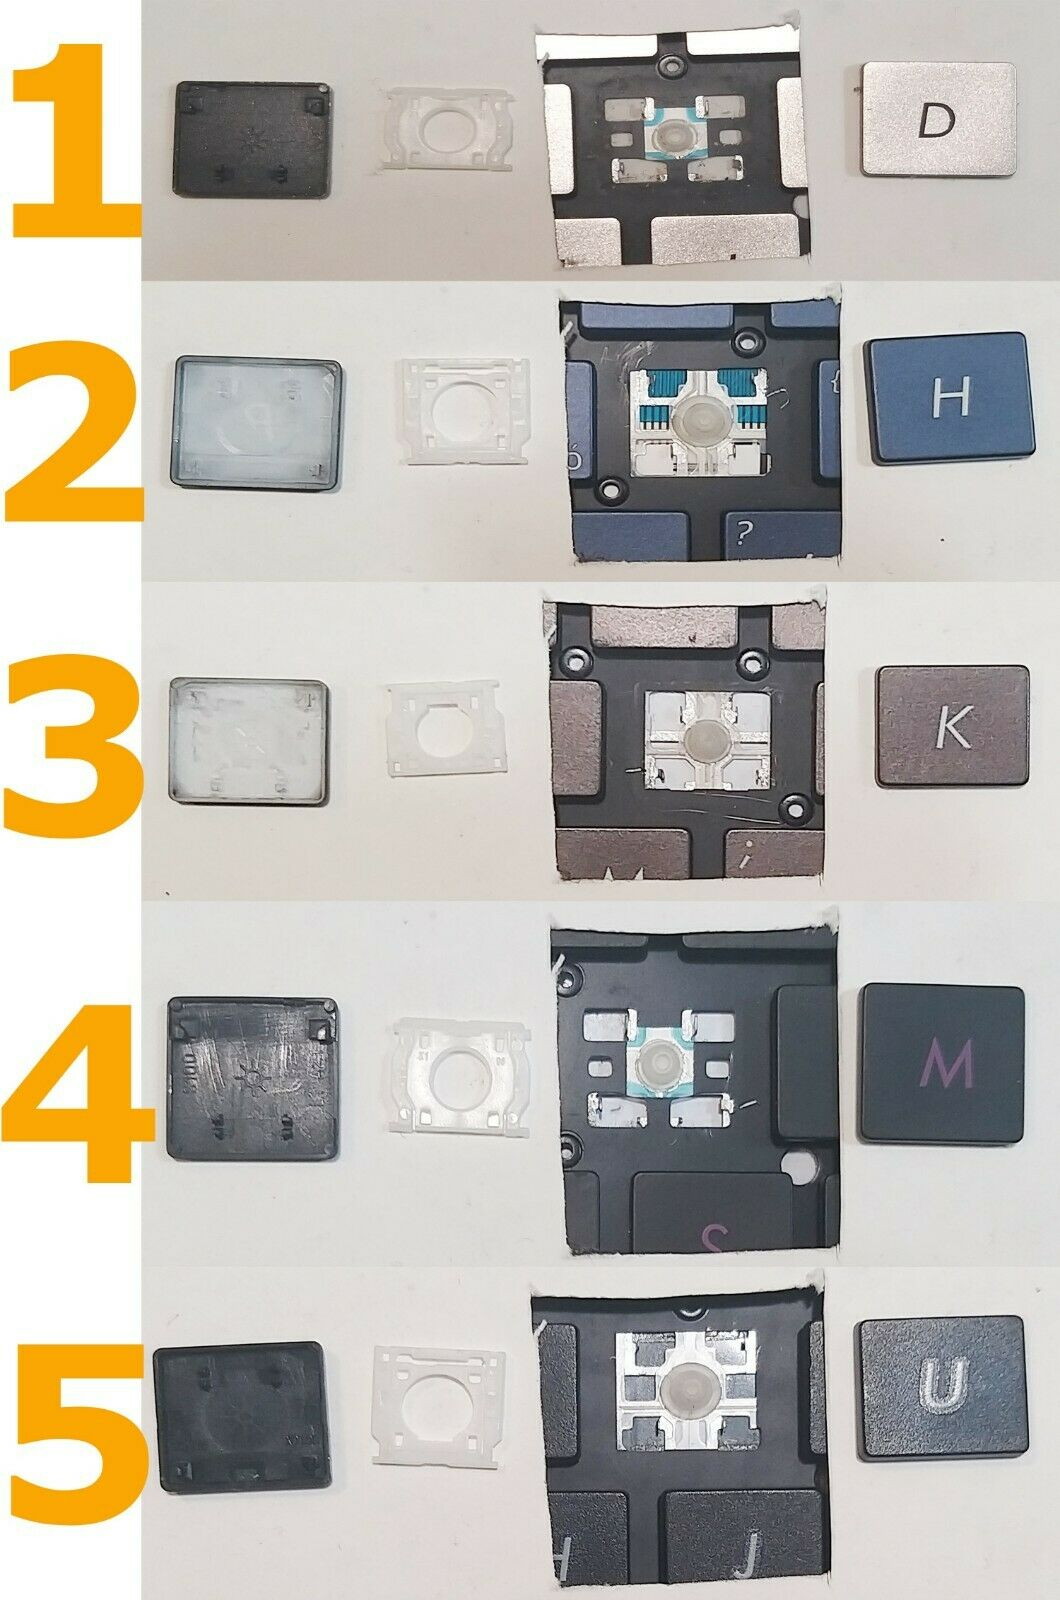 TECLA TECLAS TECLADO ASUS ZENBOOK UX301 UX32 UX32U UX303L UX303 UX303LA UX303LB